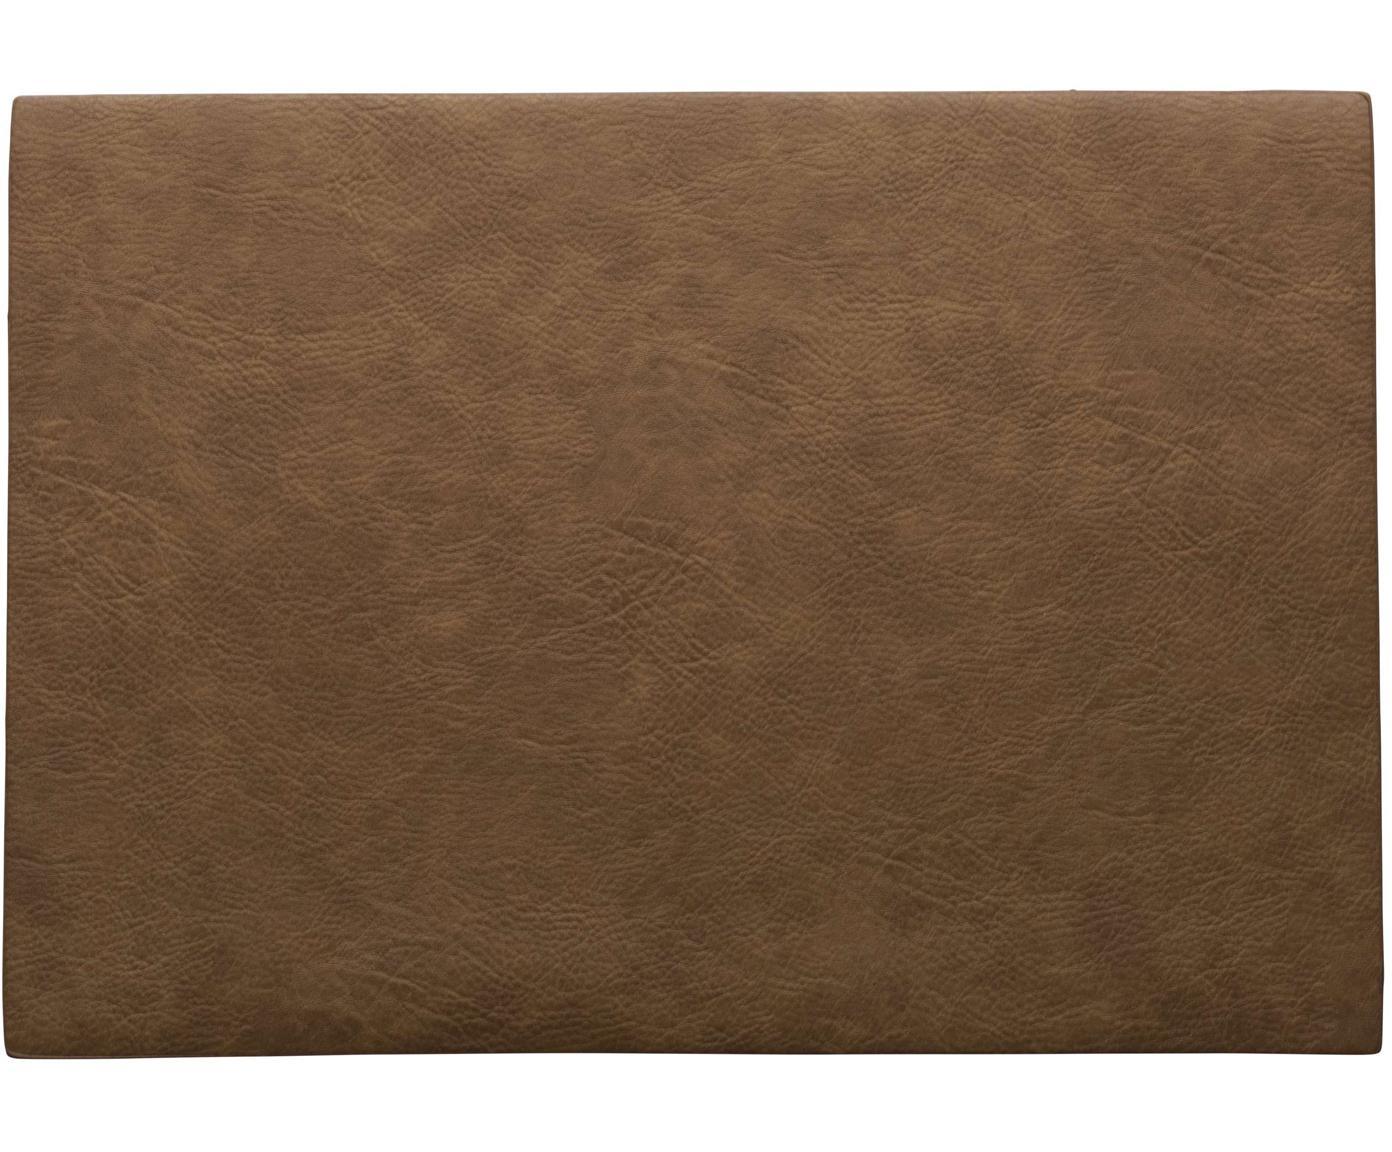 Kunstleren placemats Plini, 2 stuks, Veganistisch leer, polyurethaan, Bruin, 33 x 46 cm